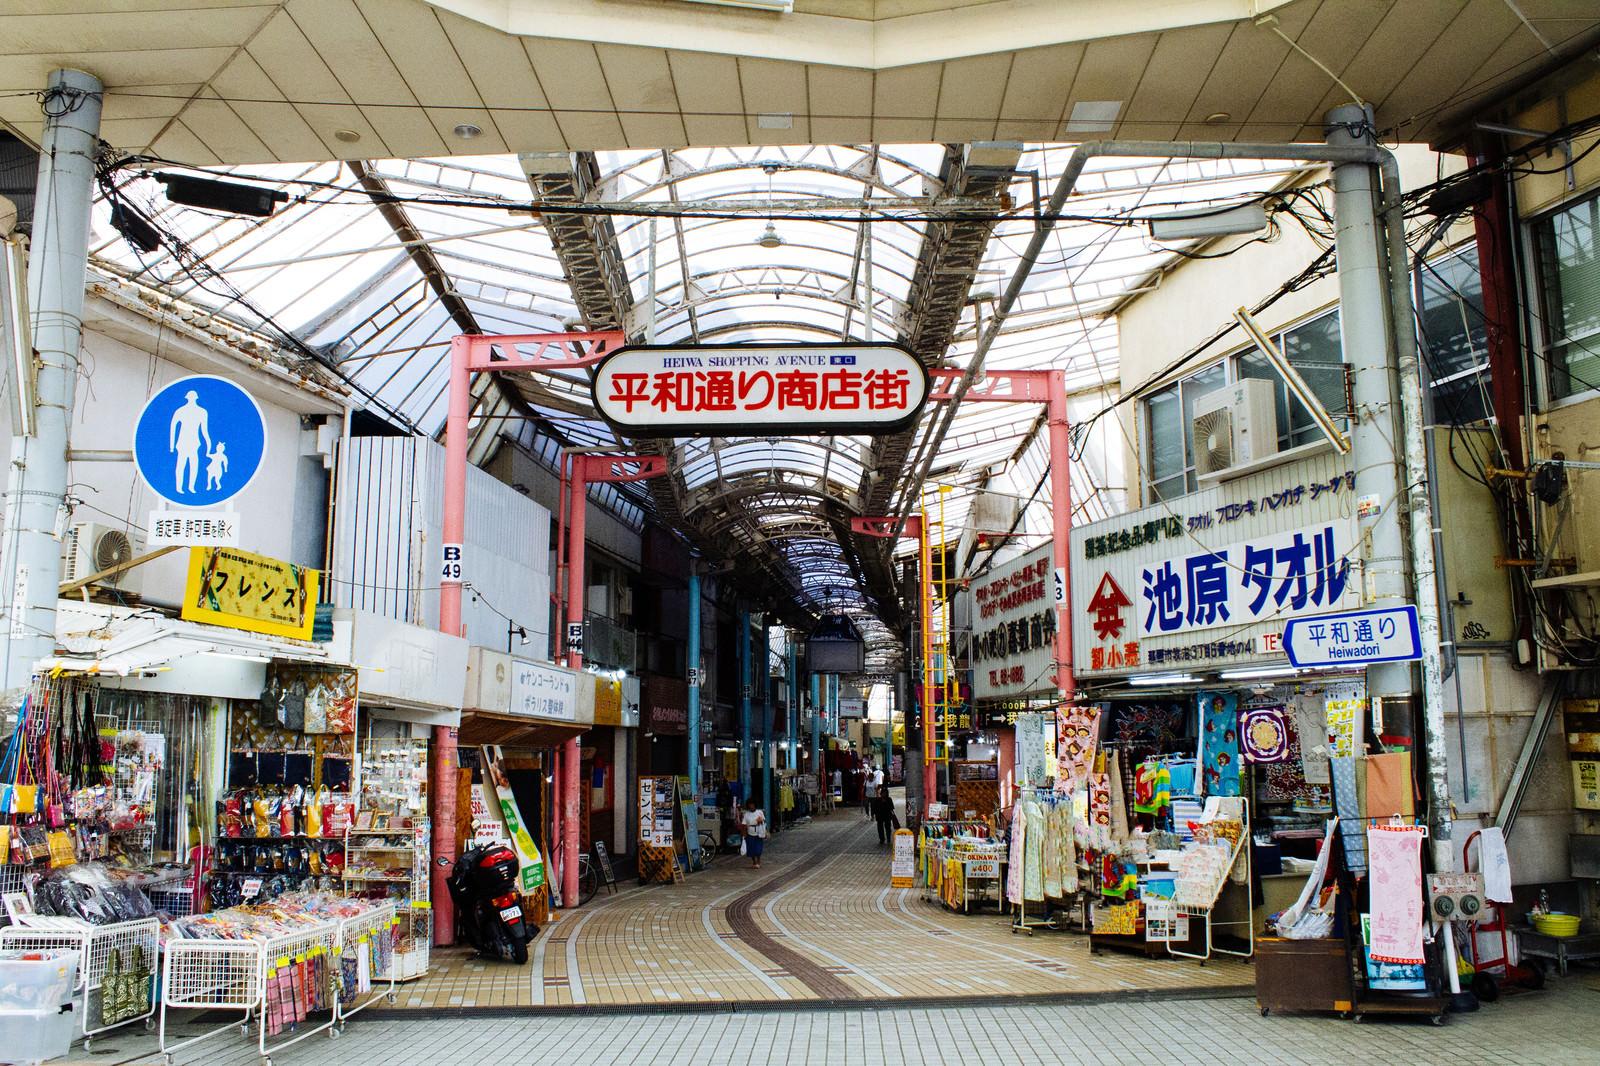 「平和通り商店街(沖縄)」の写真